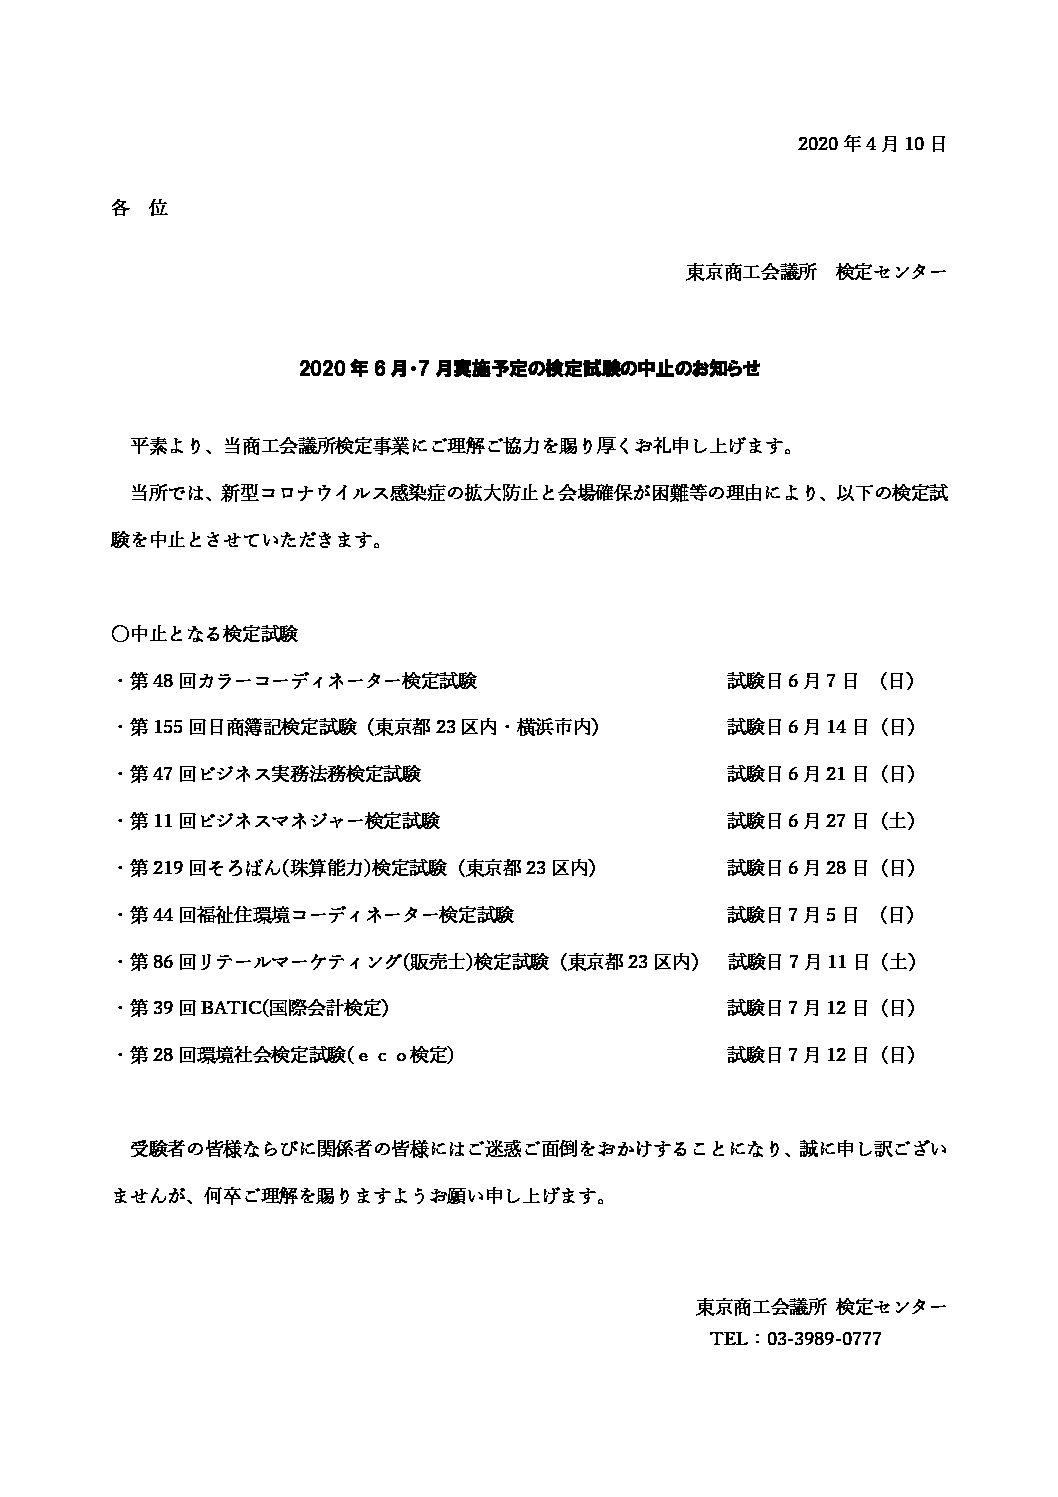 東京商工会議所検定センターよりお知らせ